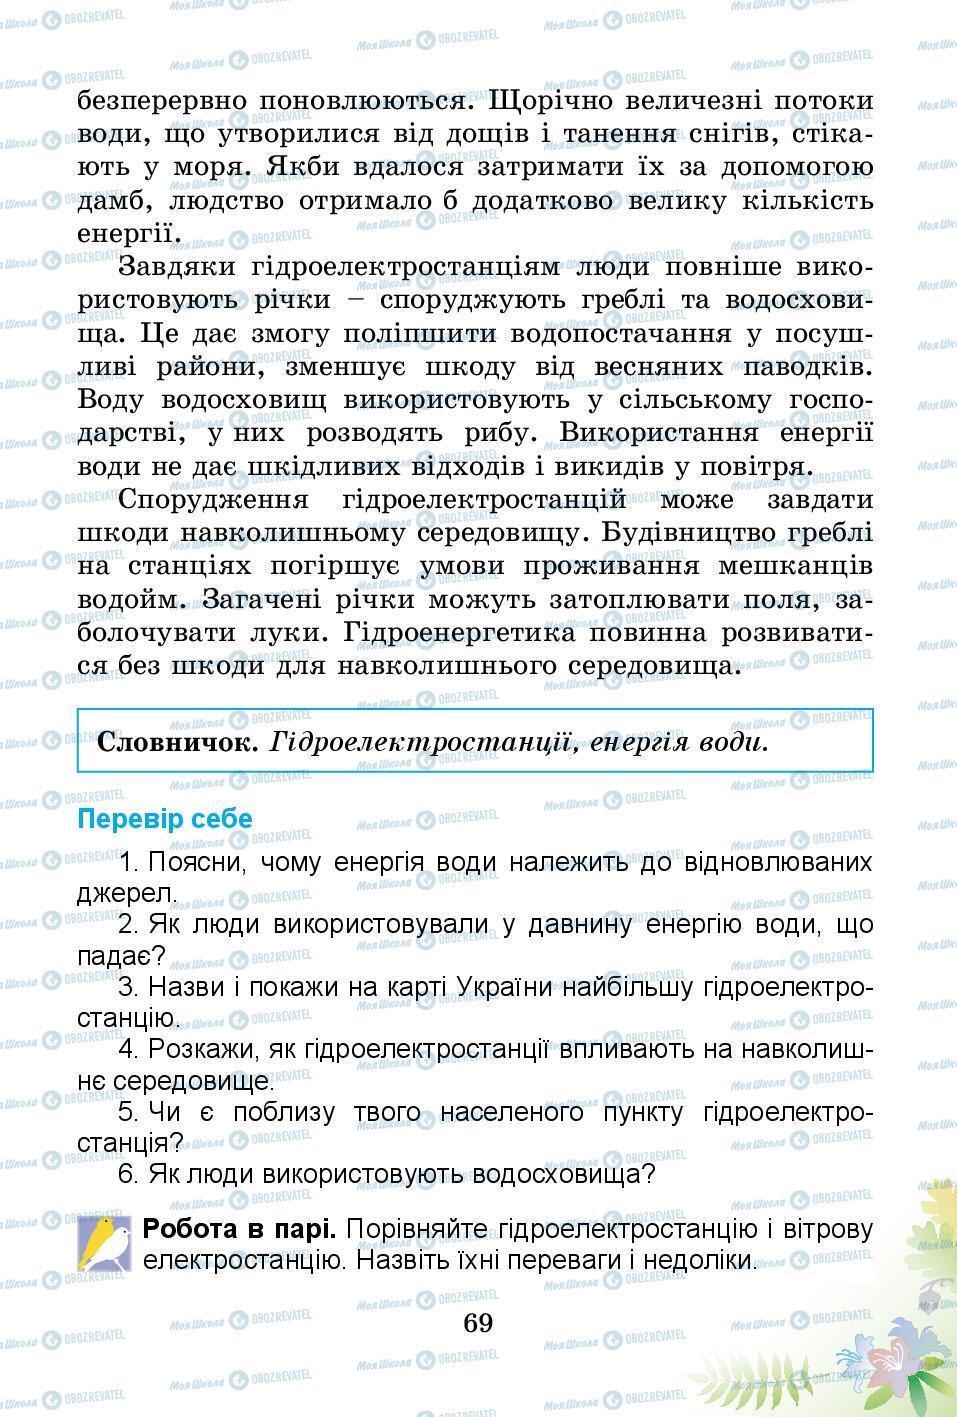 Підручники Природознавство 3 клас сторінка 69